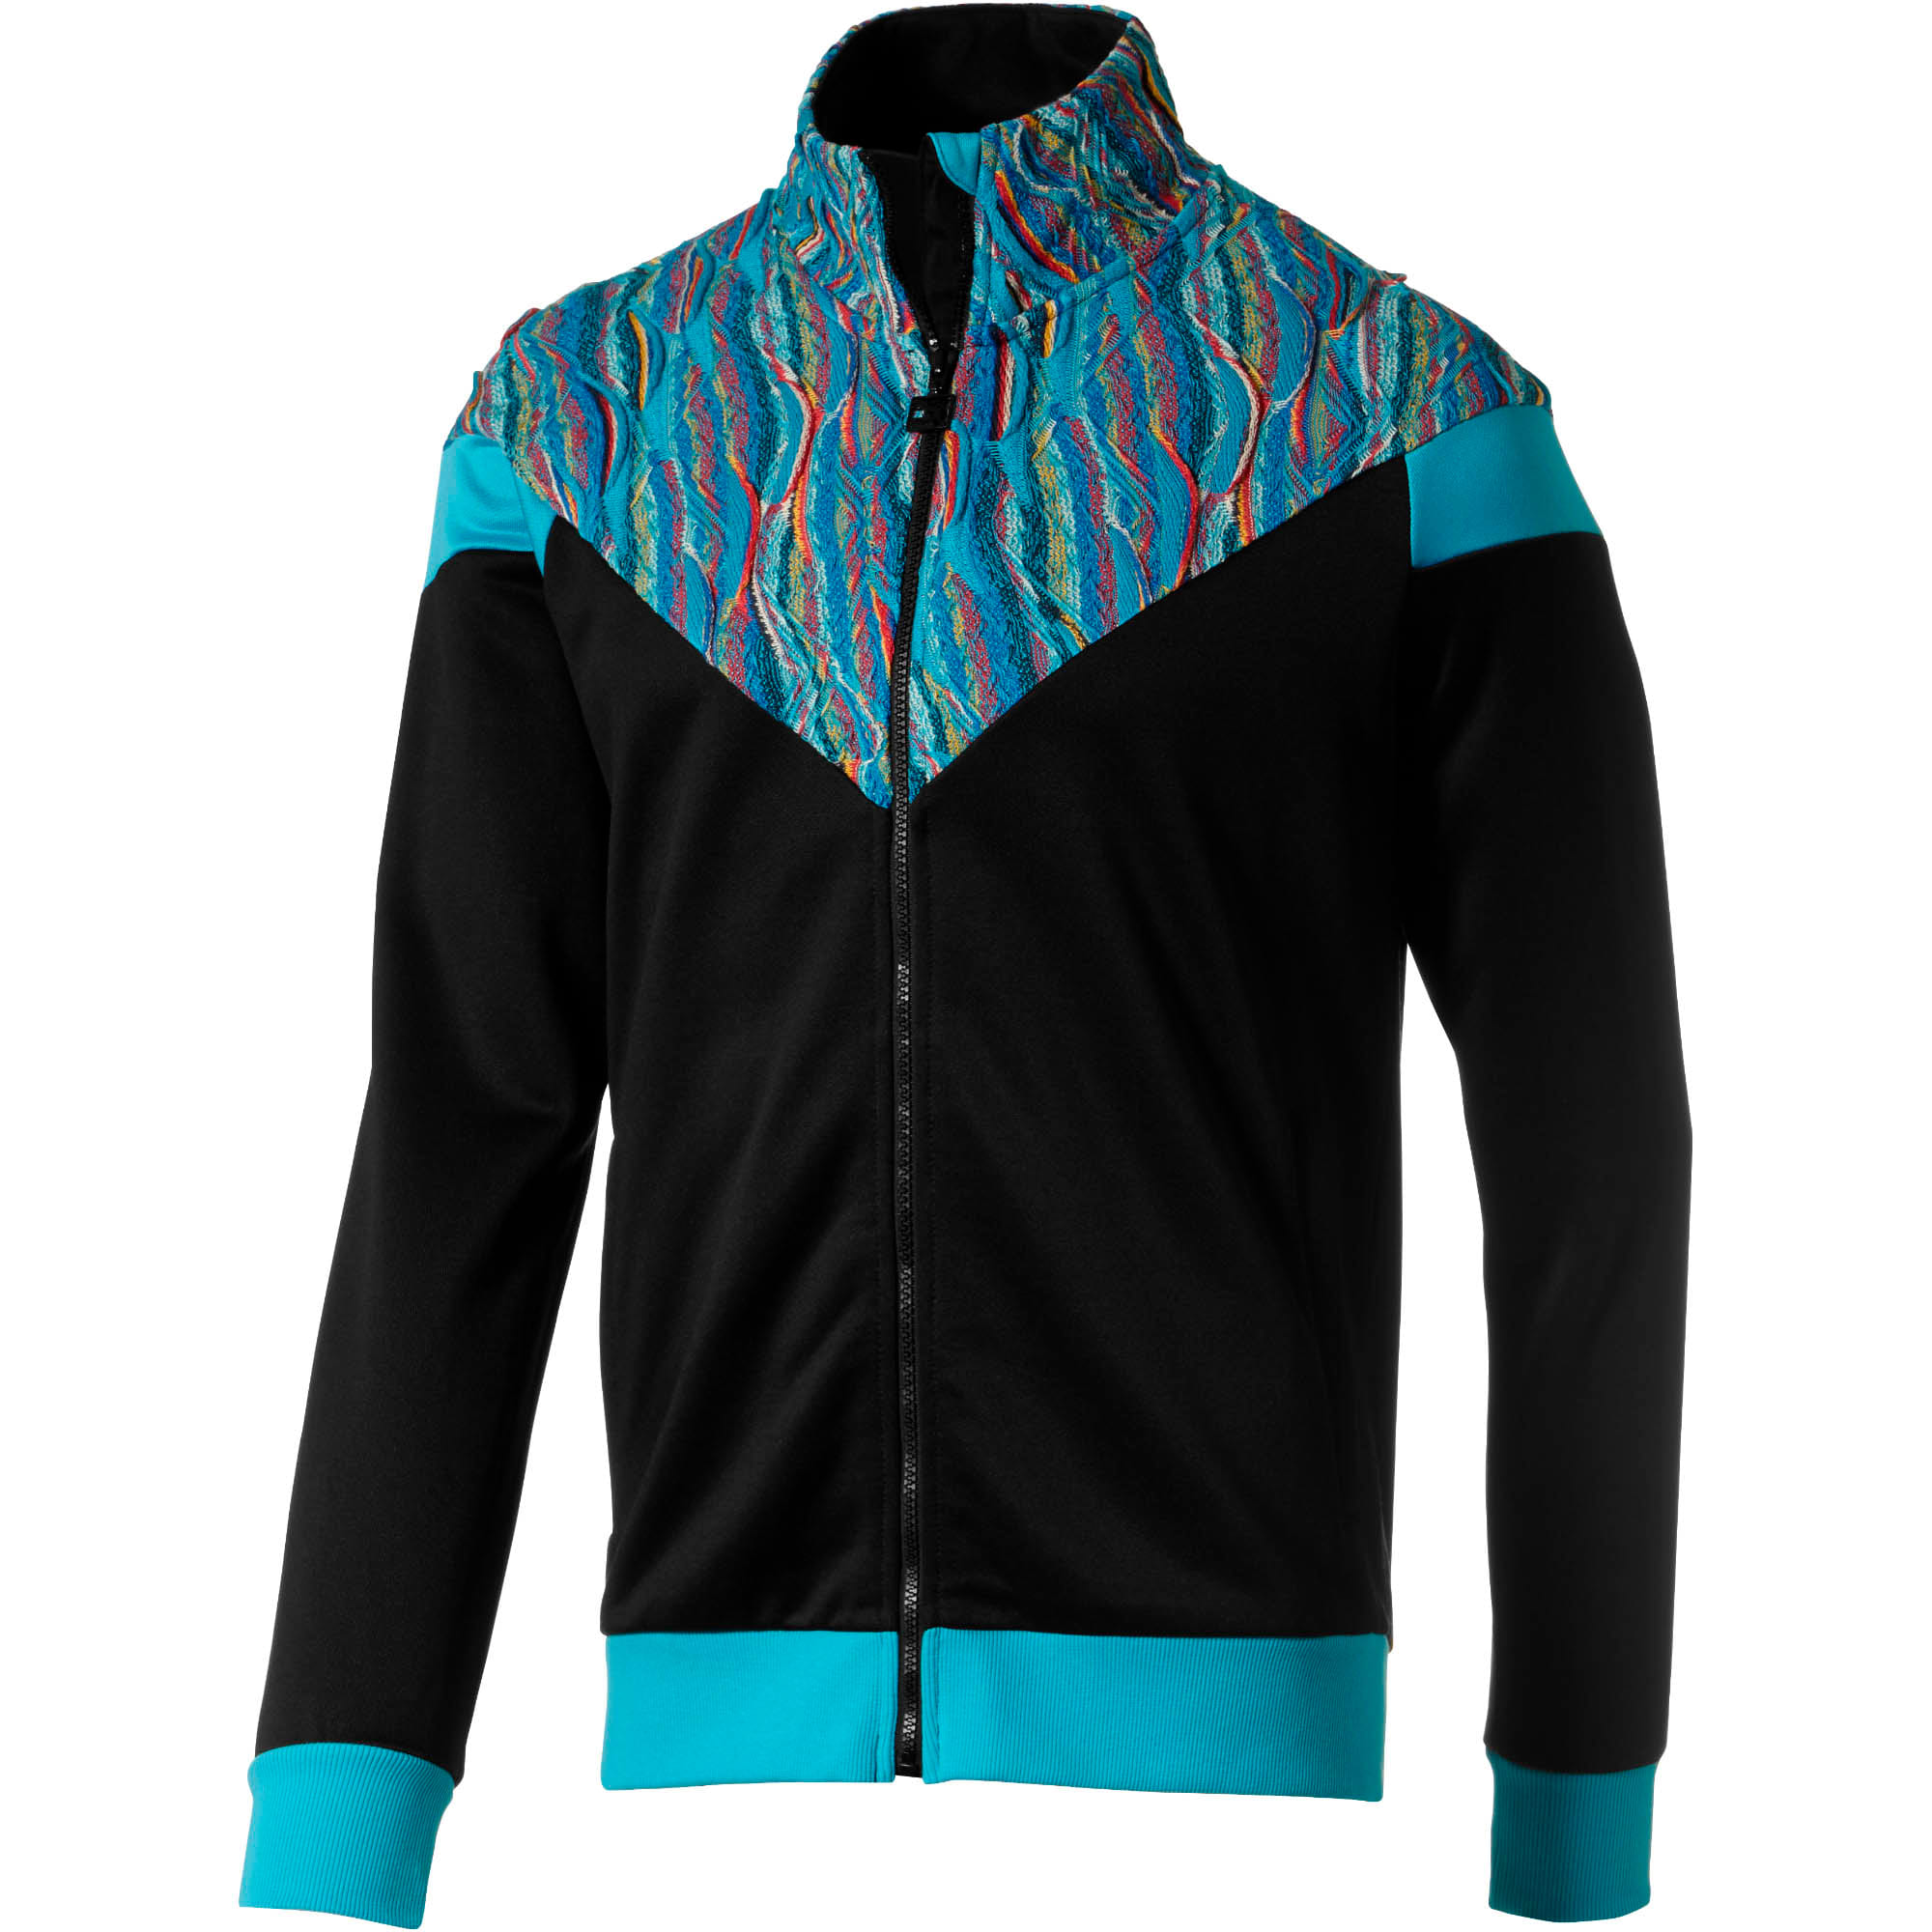 PUMA x COOGI Men's Track Jacket